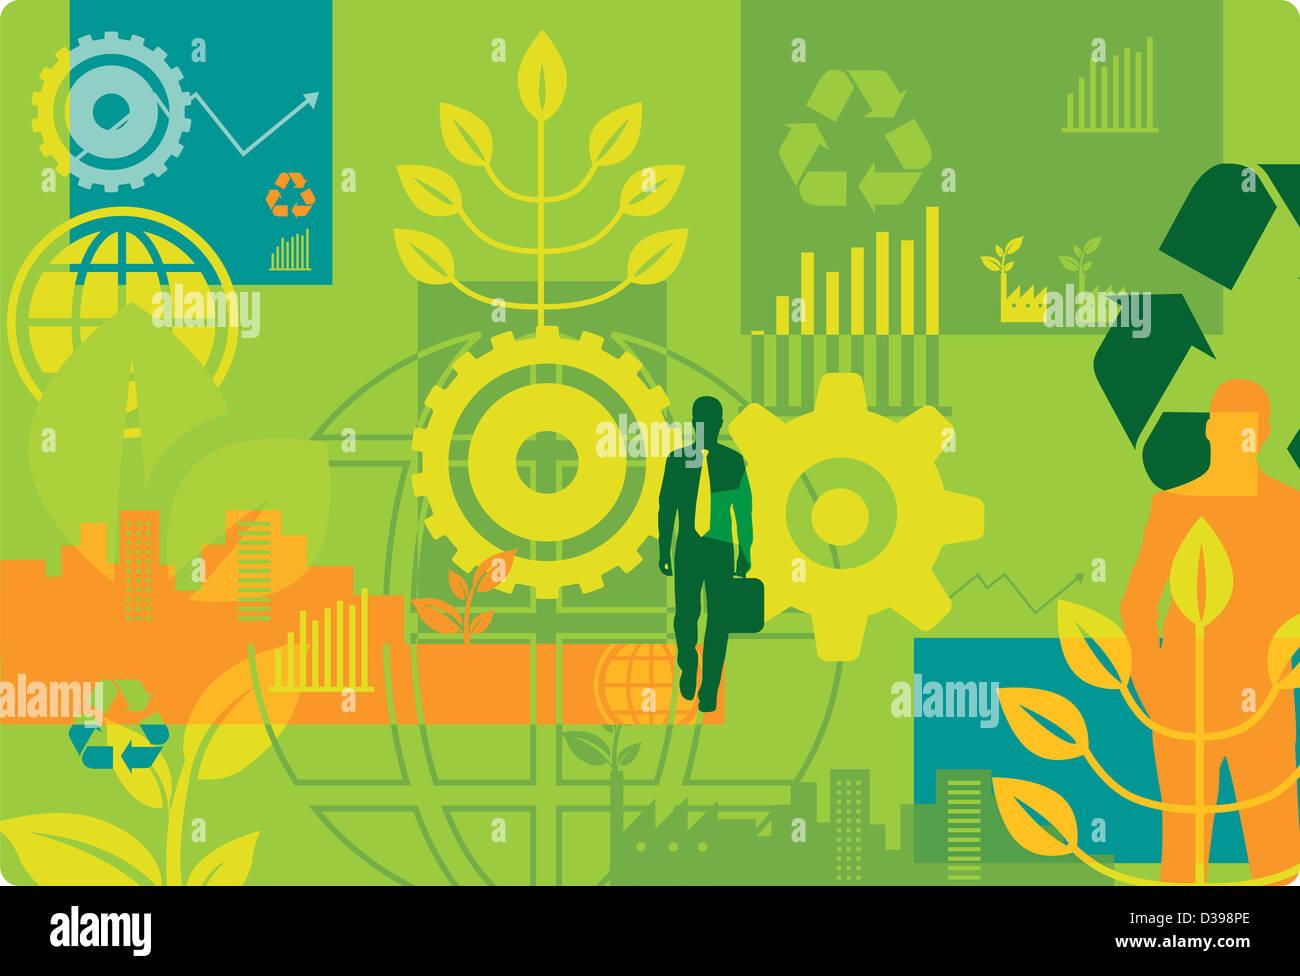 Image d'illustration de rendez-concept vert Photo Stock